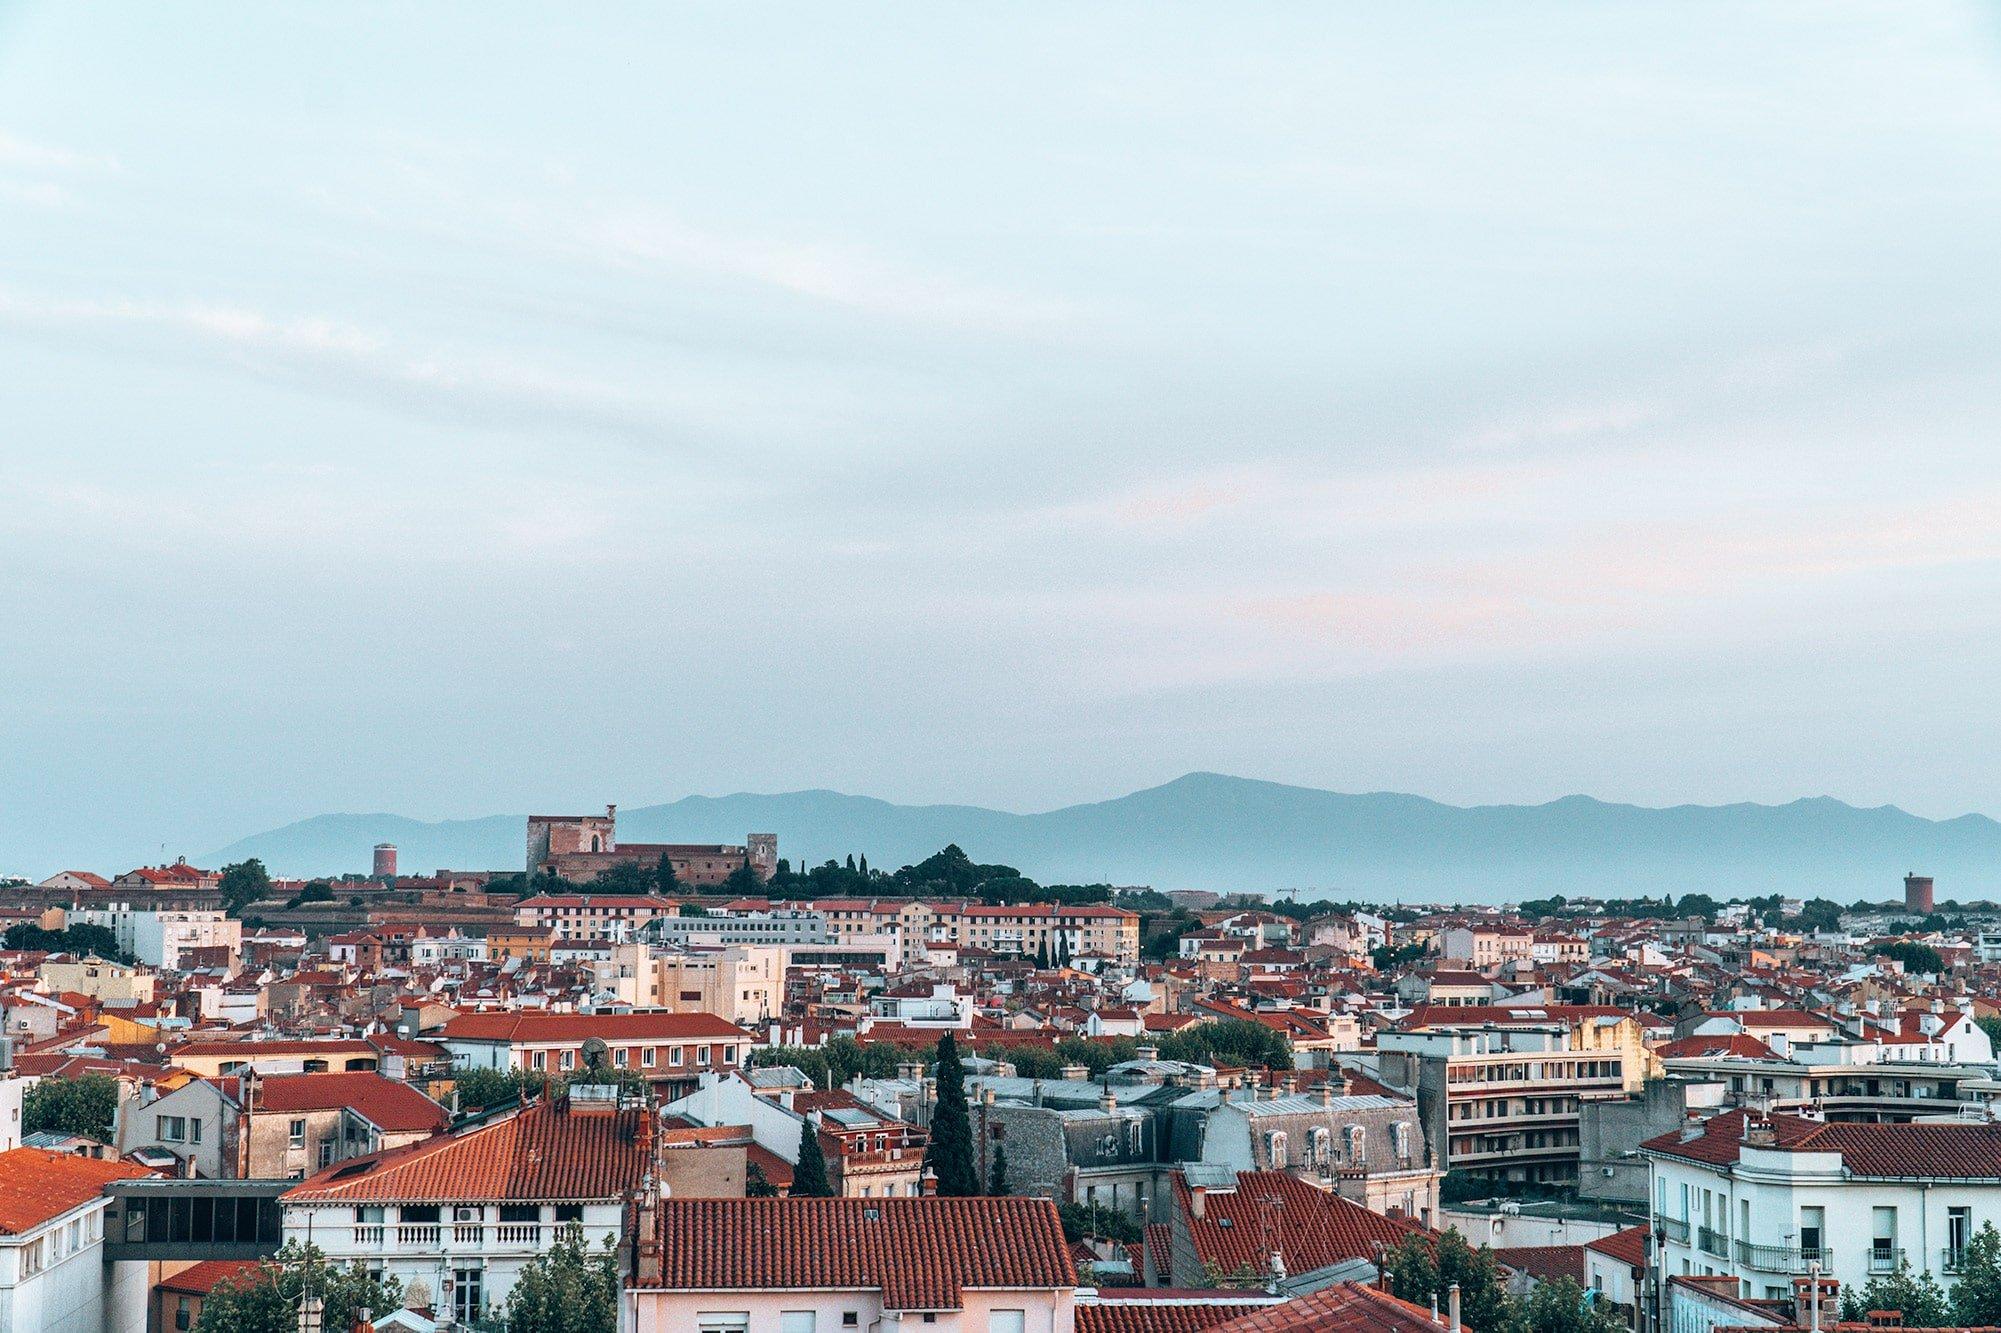 Visiter Perpignan : guide complet d'une ville entre terre et mer